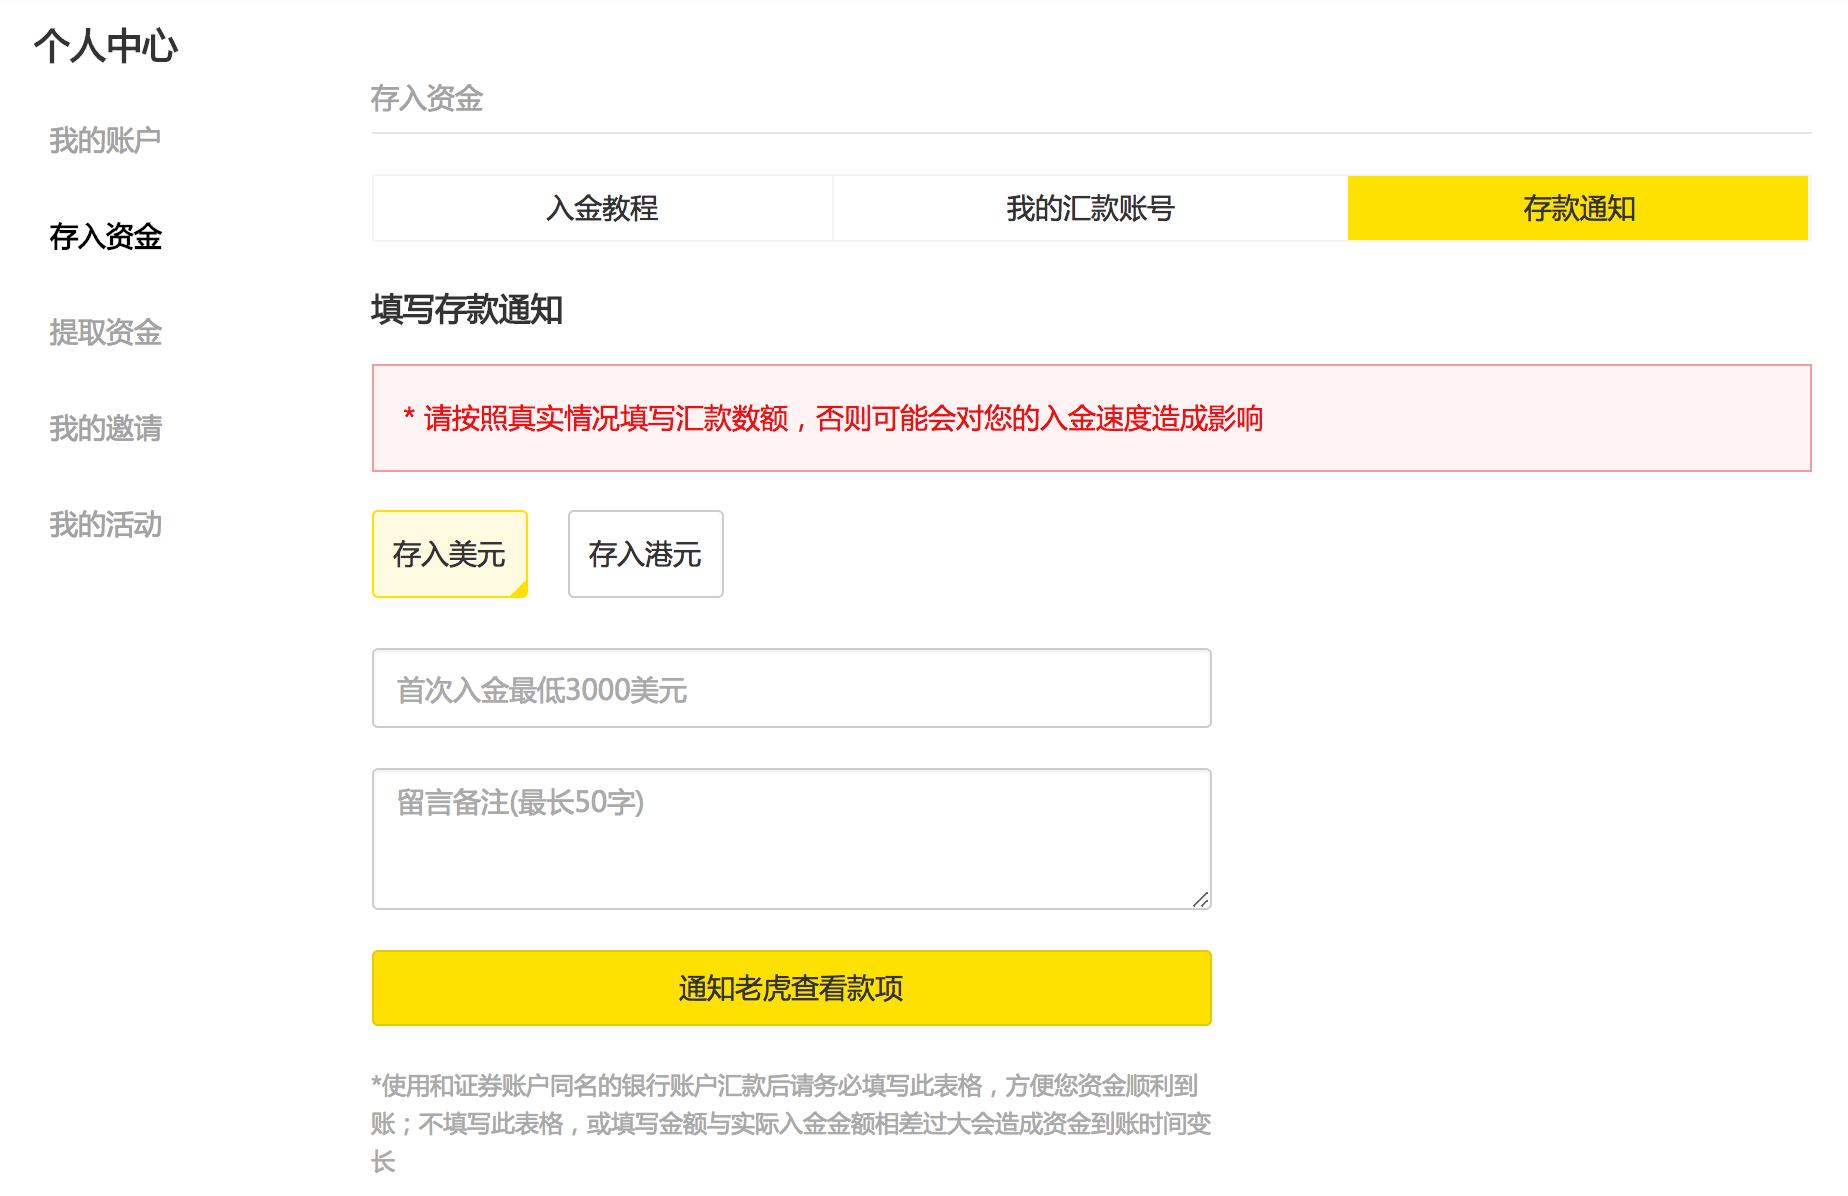 老虎证券开户指南:美股佣金终生8折+送11股小米+200港币股票卡